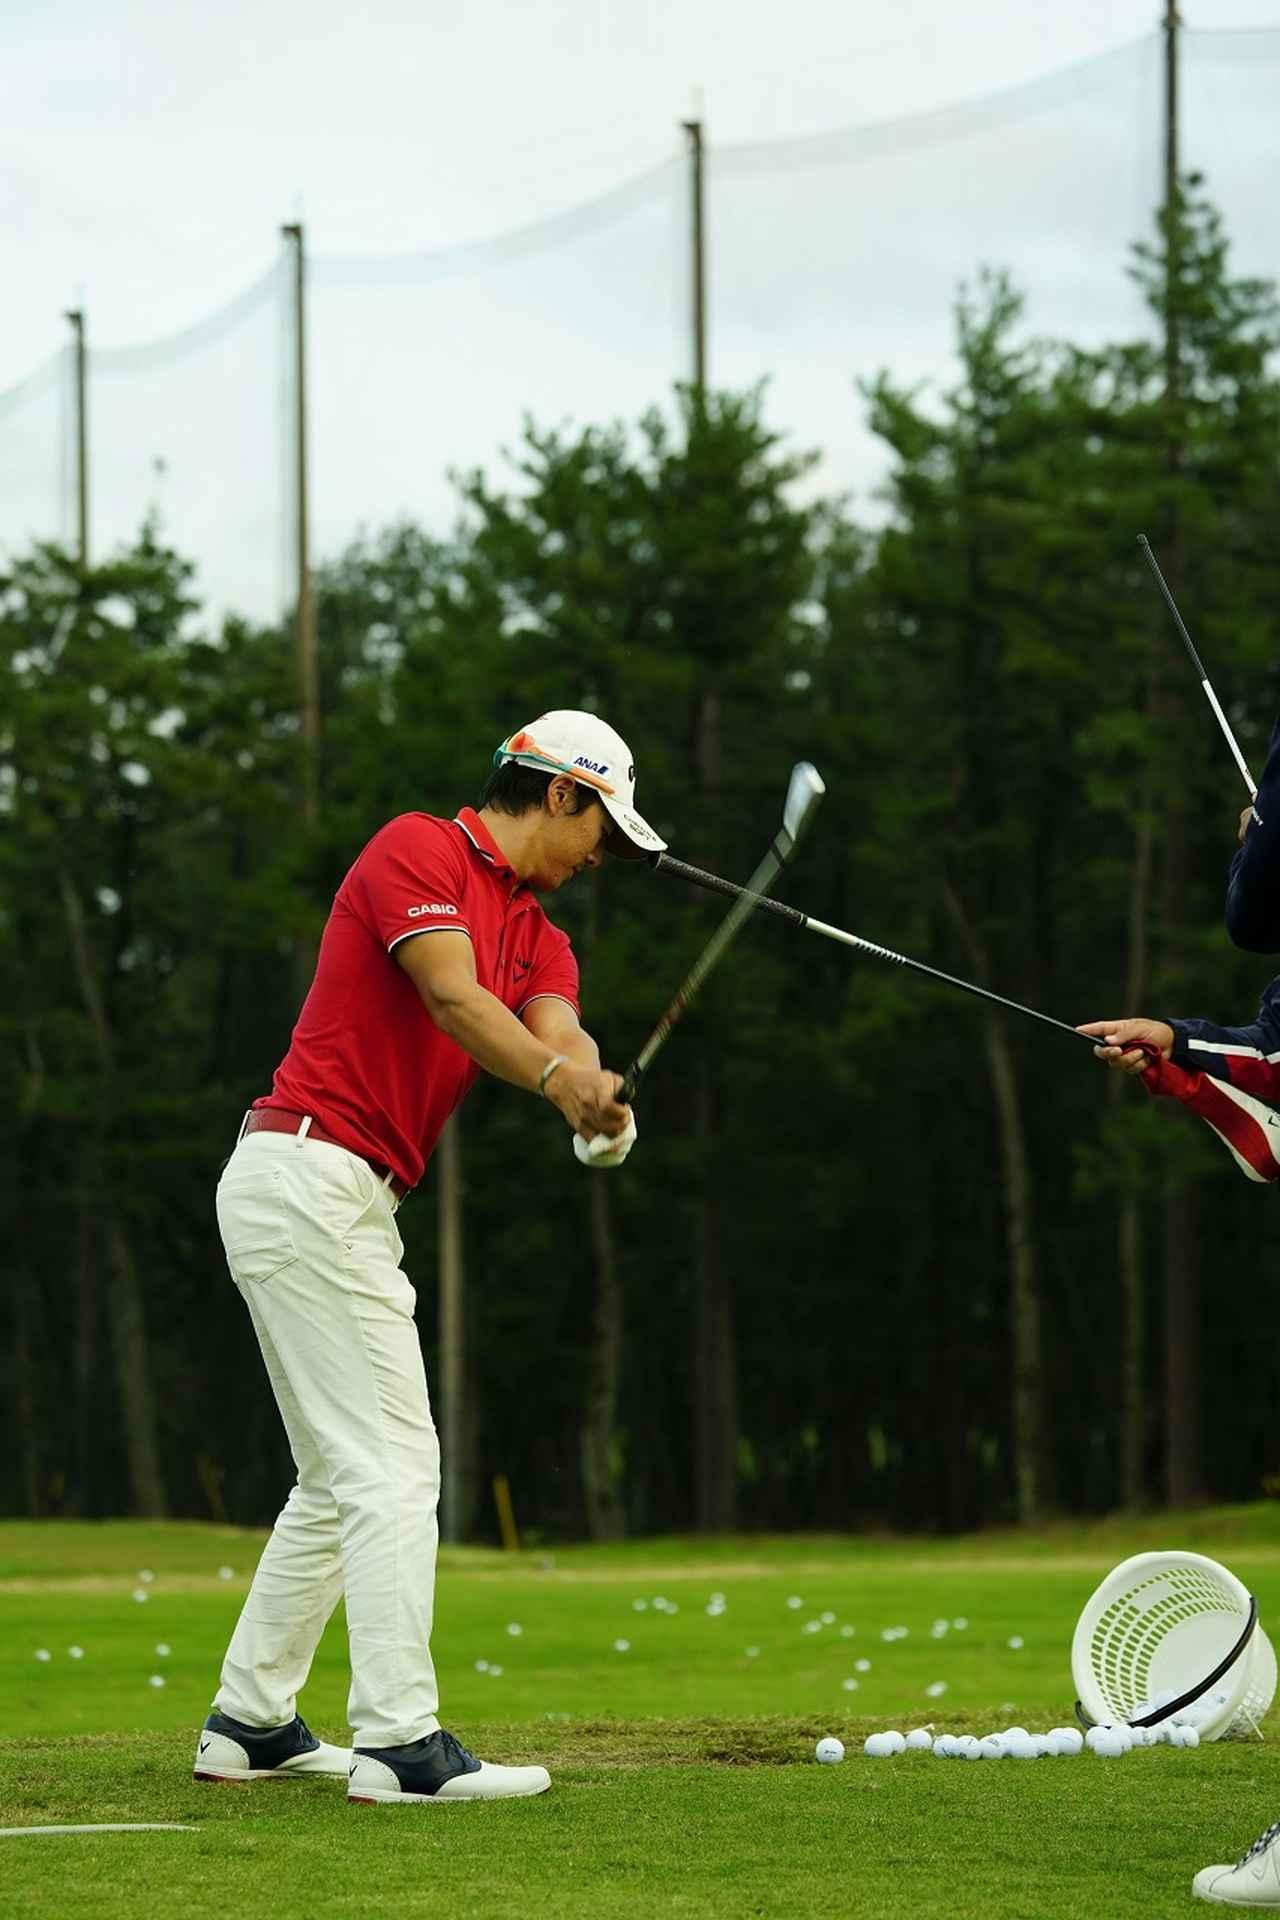 画像2: 石川遼の悩みも僕らと一緒「練習場でできるのにコースでなぜできない?」